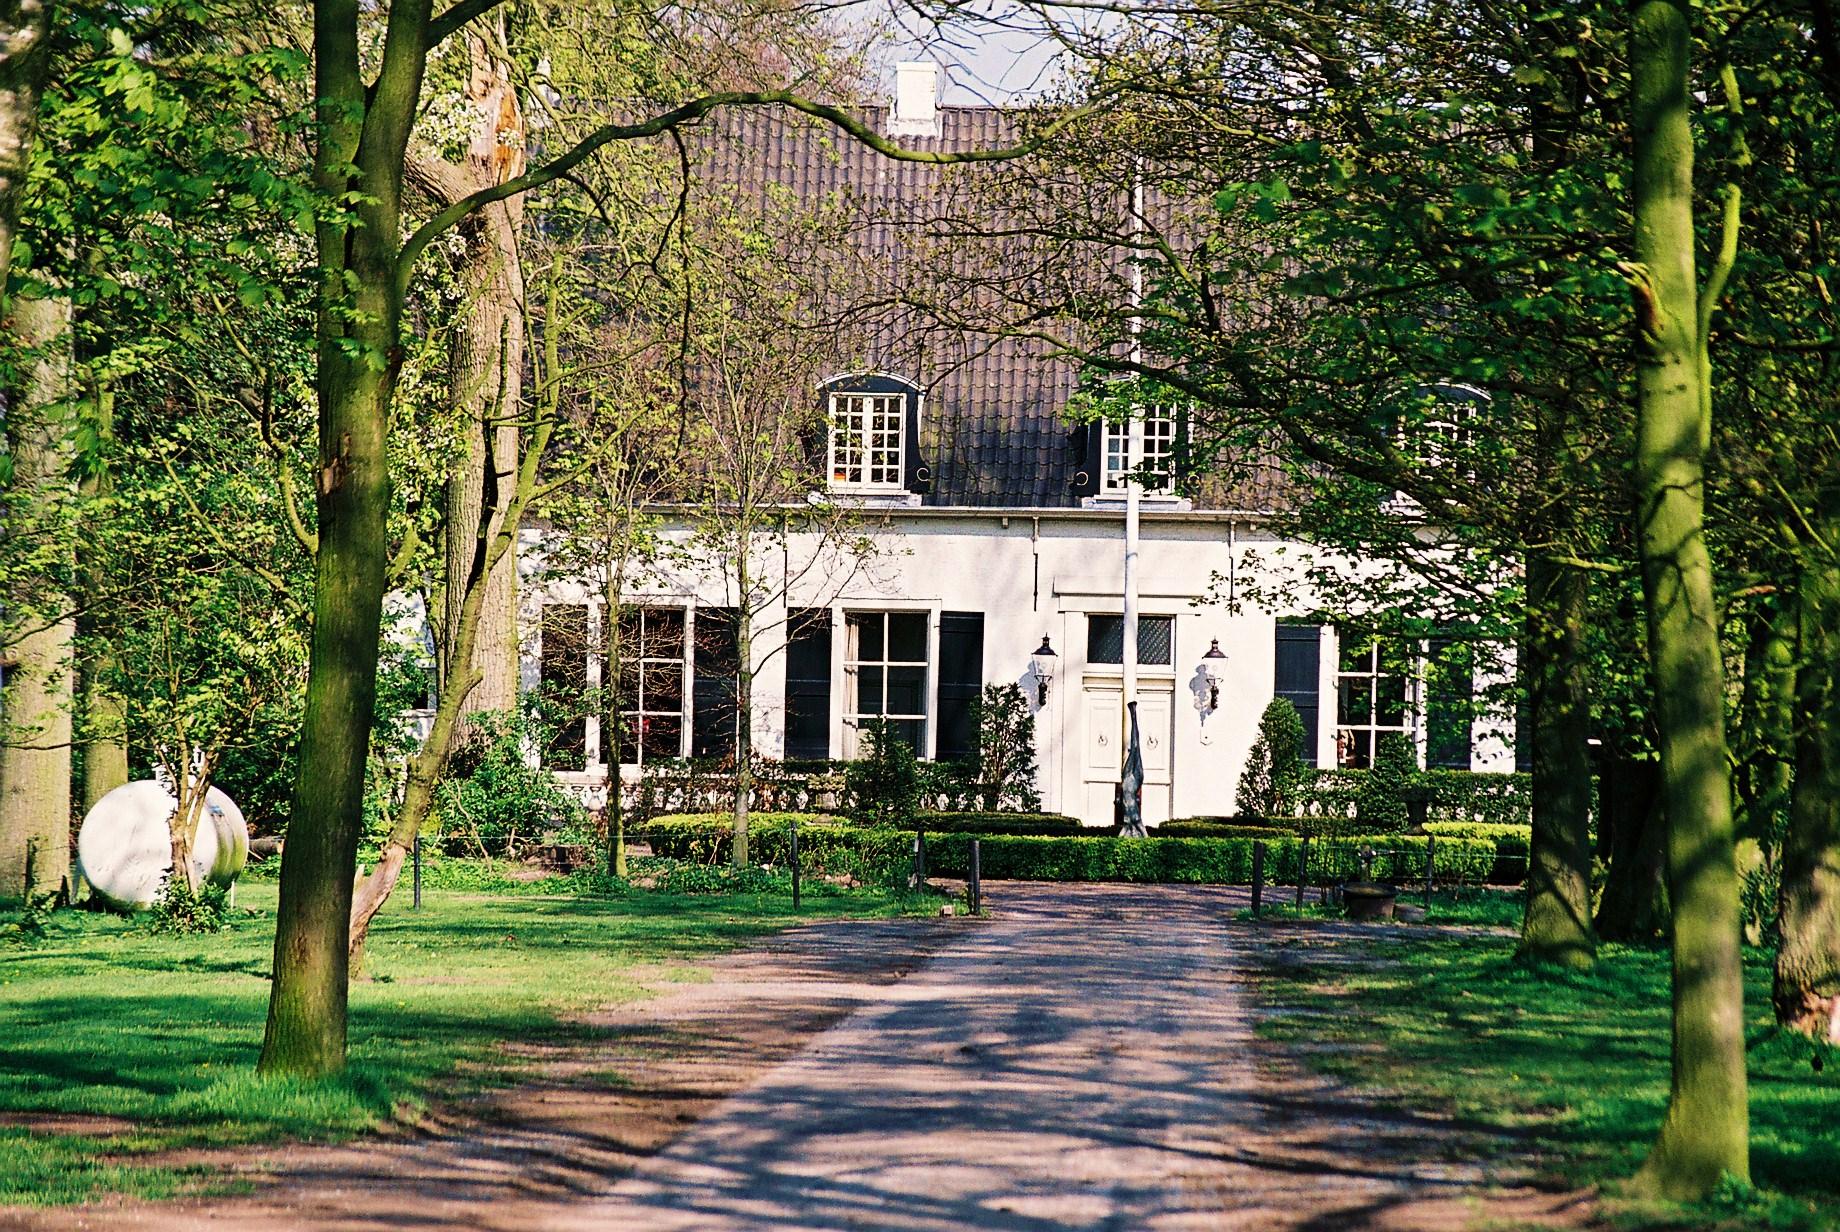 Huis hazard in breda monument rijksmonumenten.nl